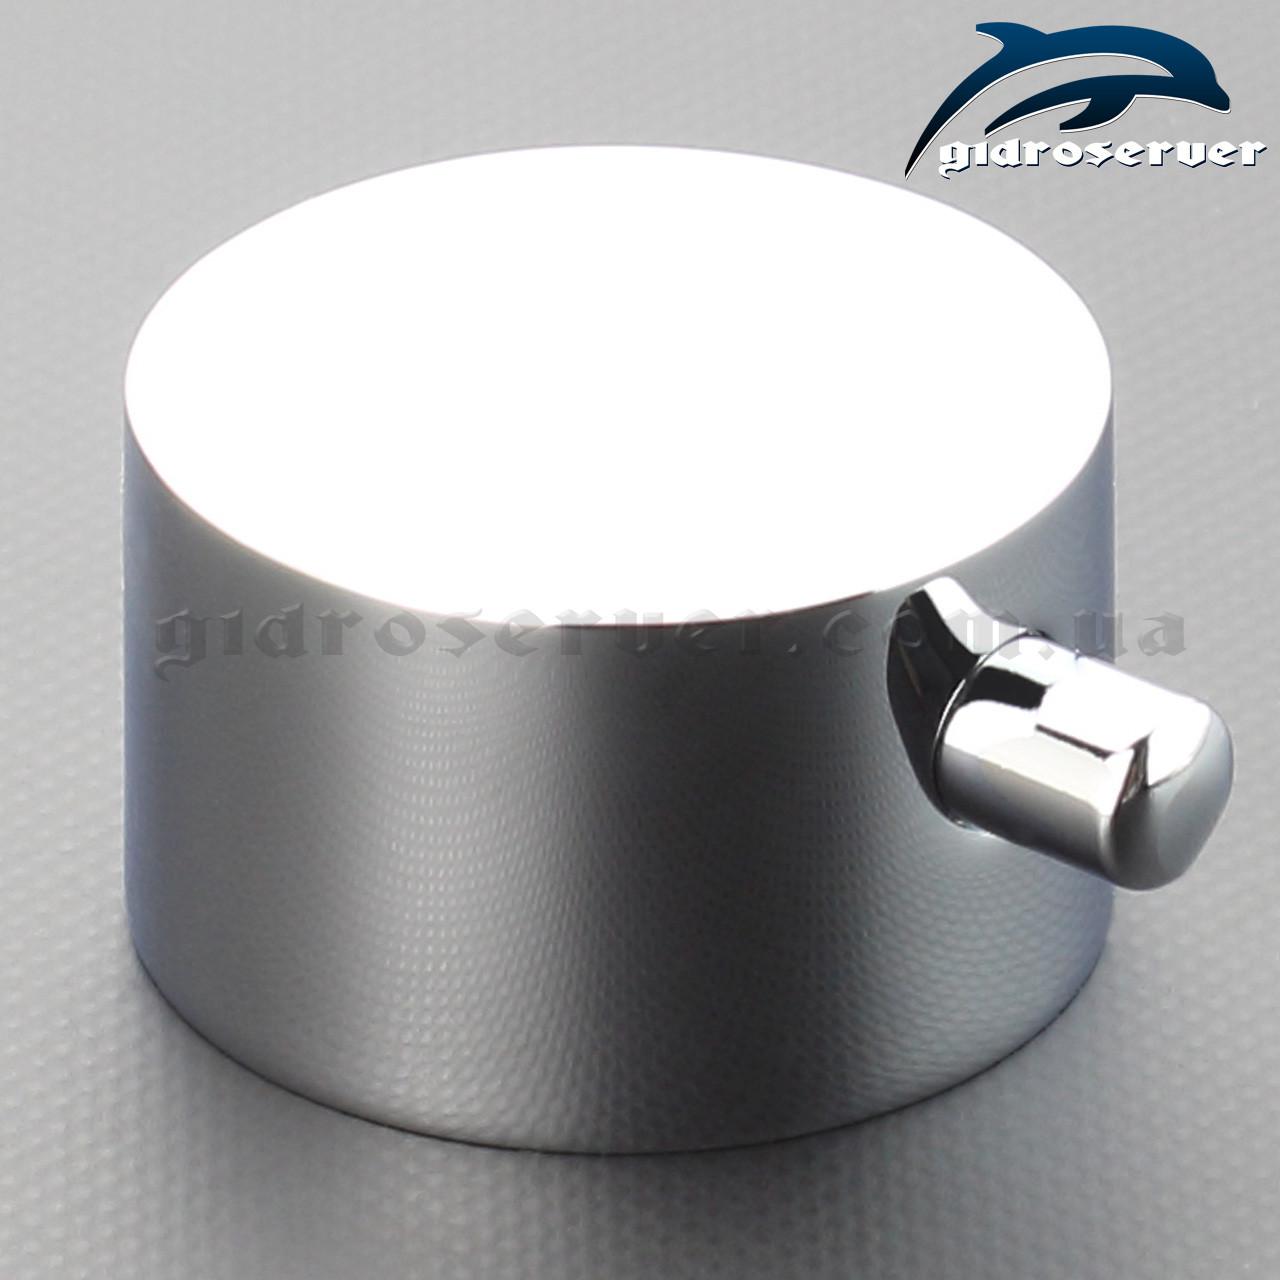 Ручка для смесителя душевой кабины, гидробокса, гидромассажной ванны RD-01.